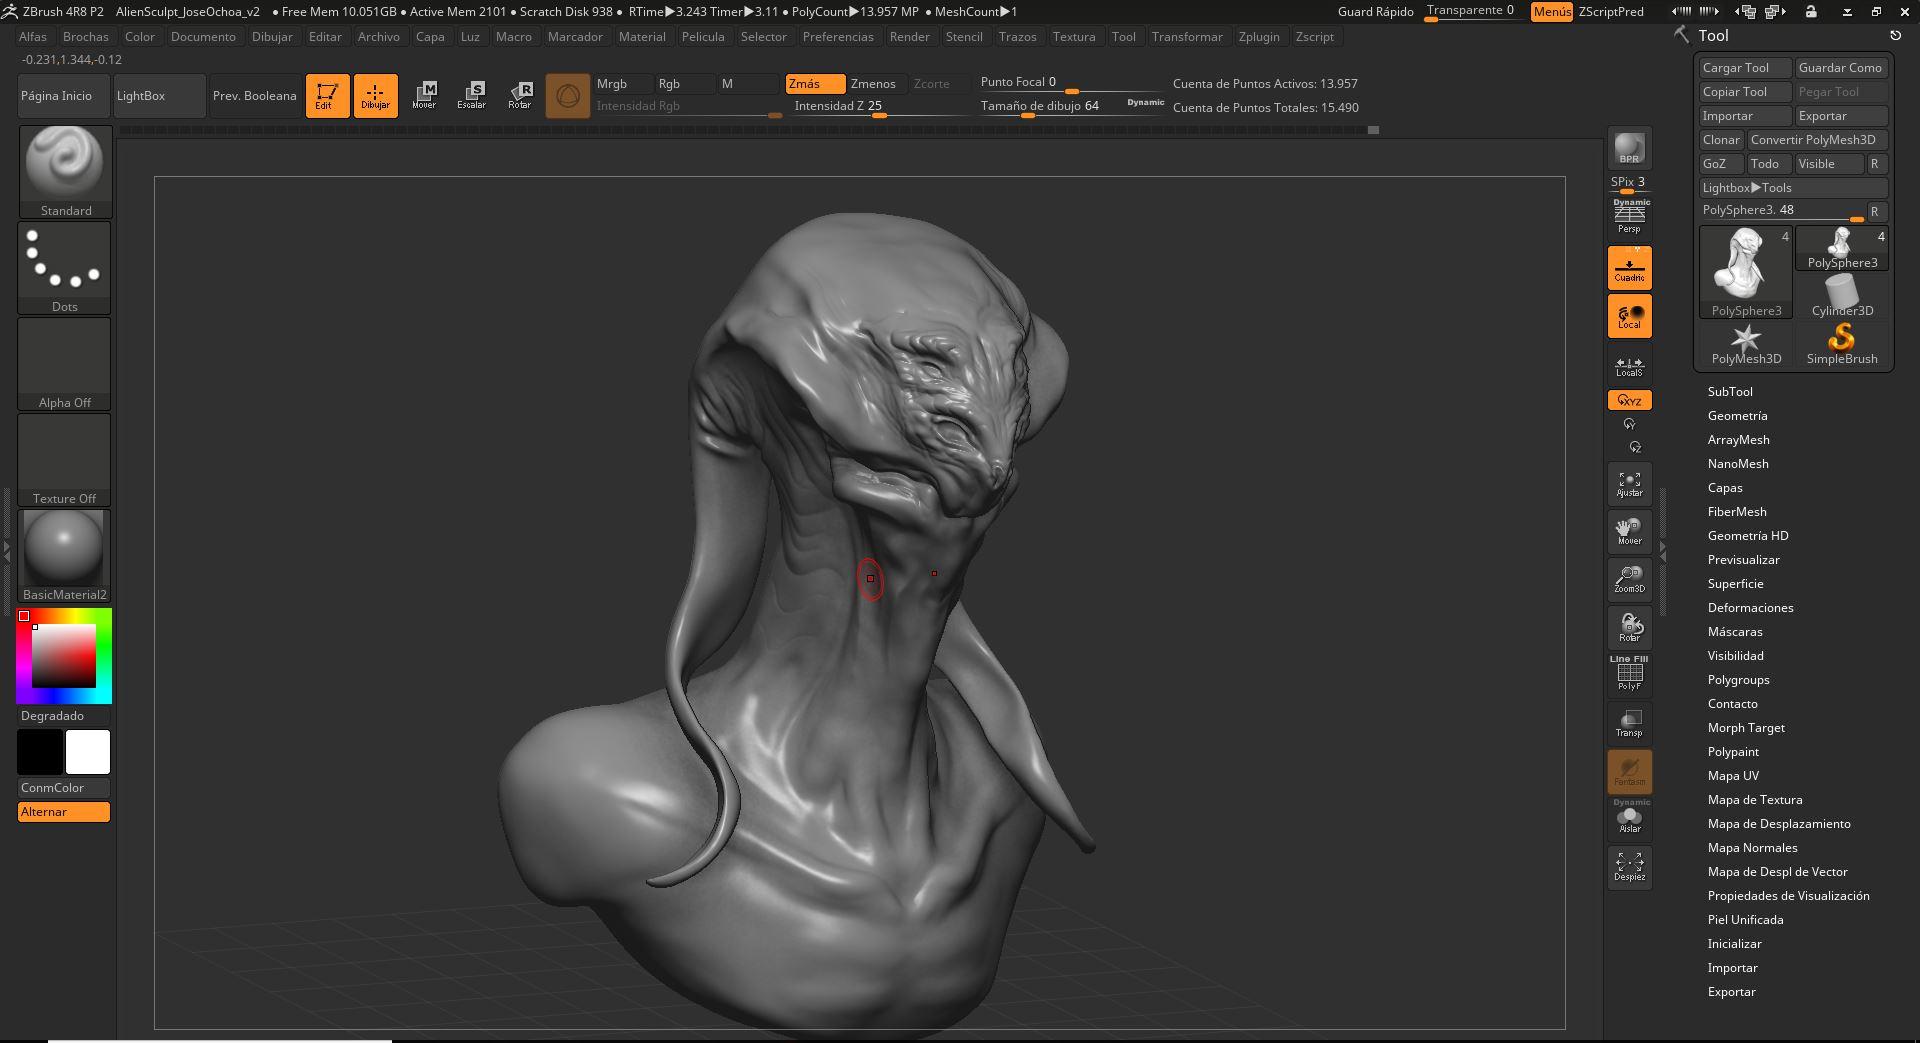 Alien_001